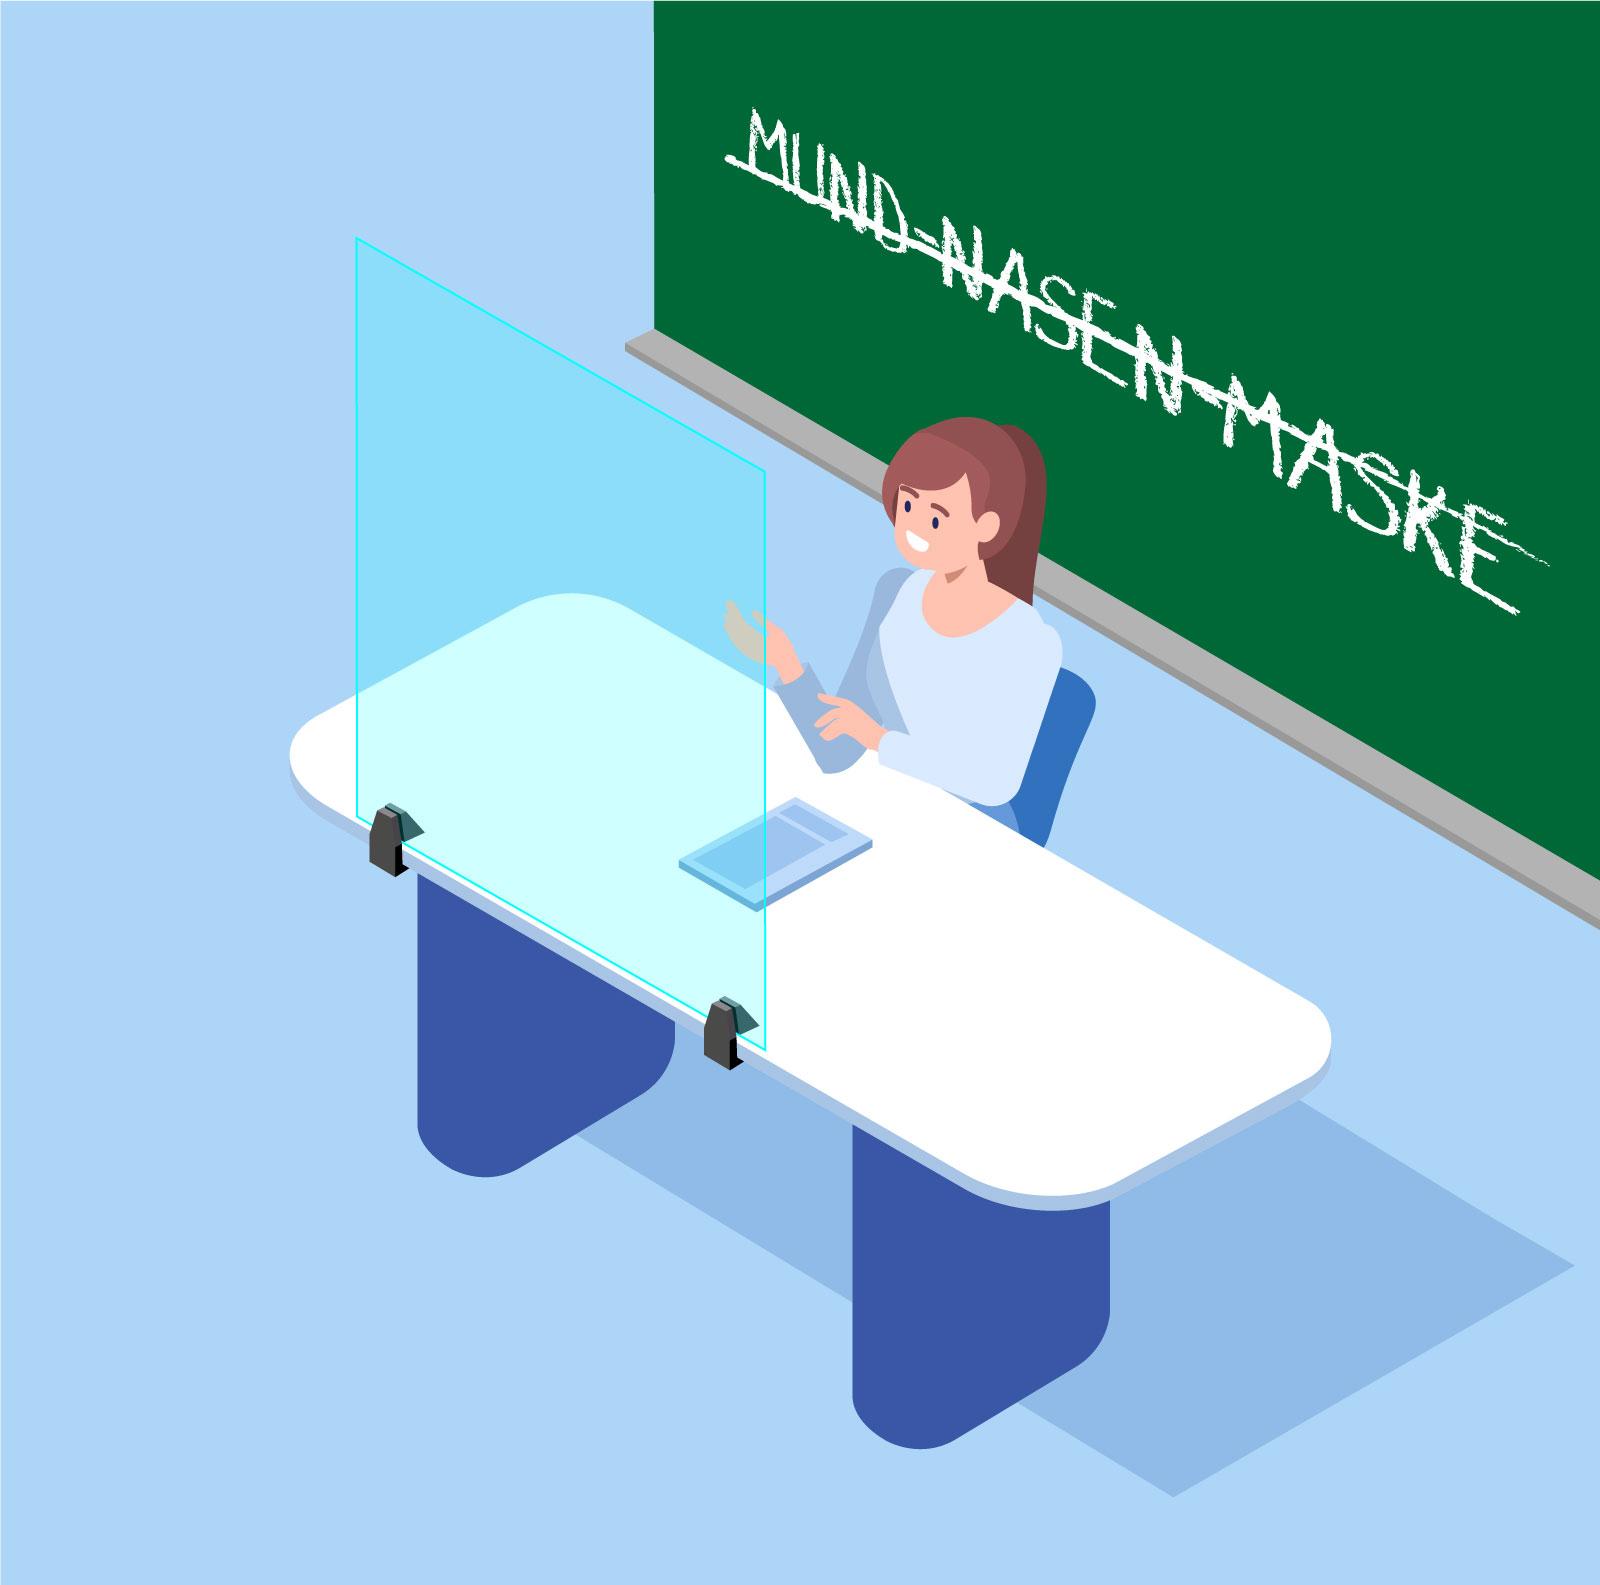 Spuckschutz Lehrer ohne Maske